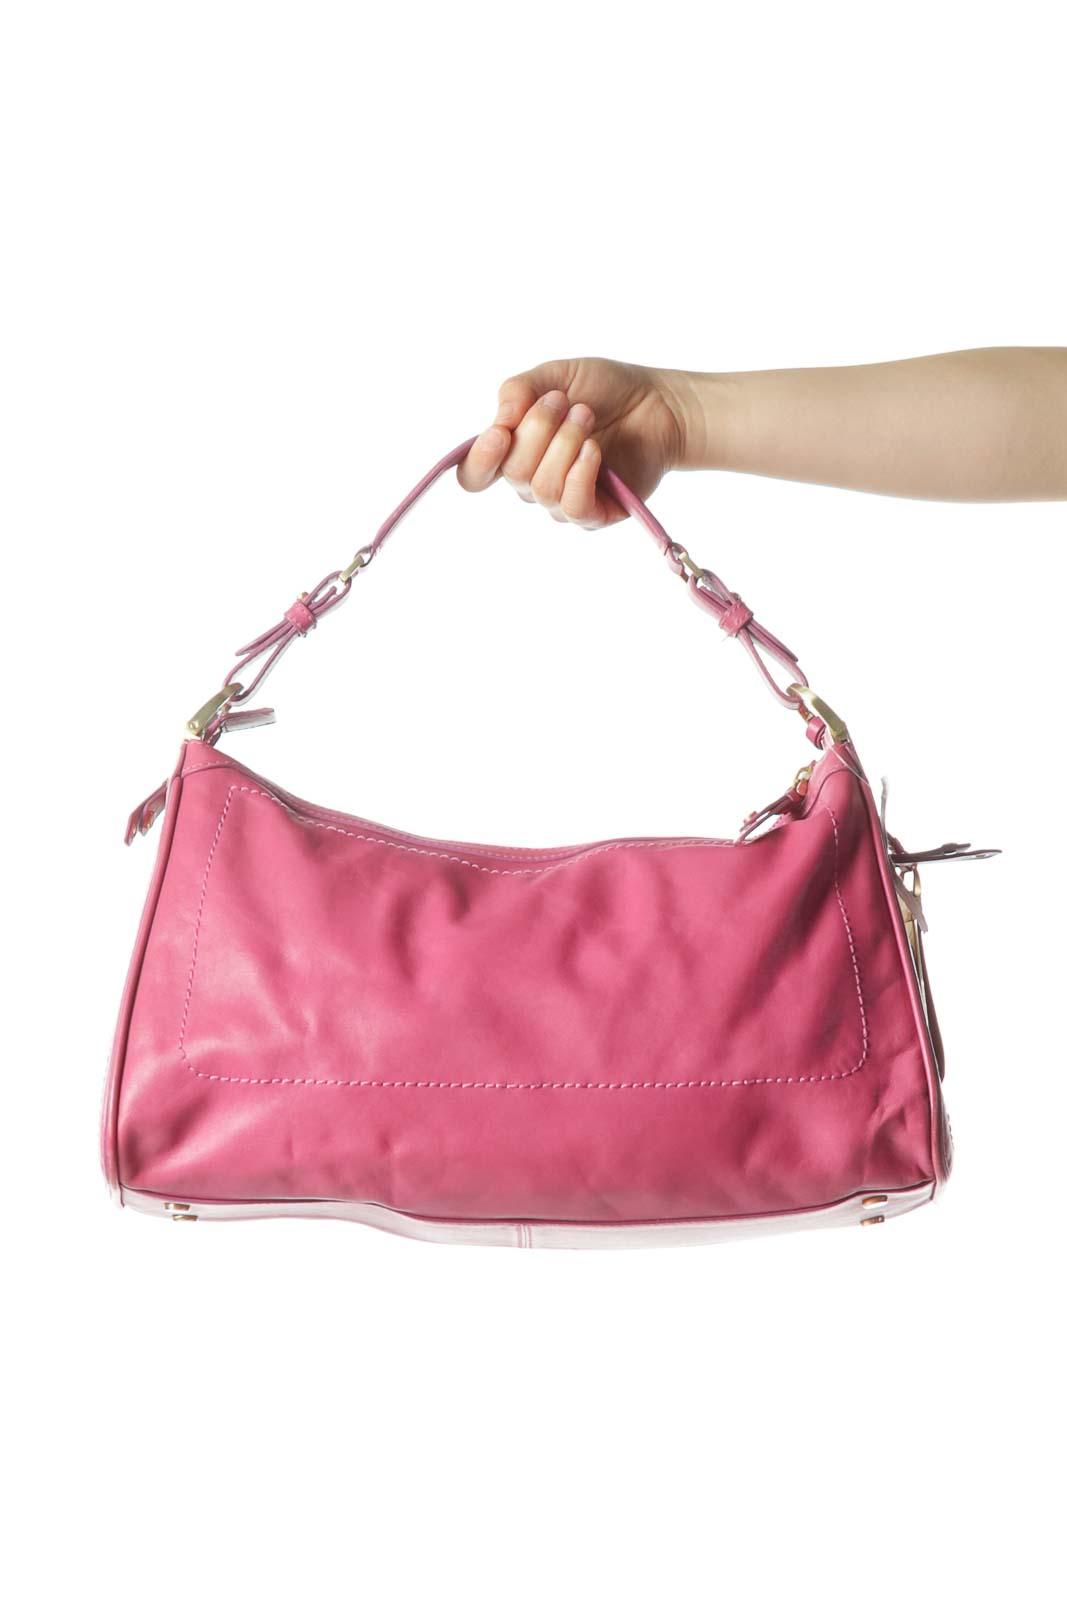 PinkZippered Shoulder Bag with Side Pockets Front